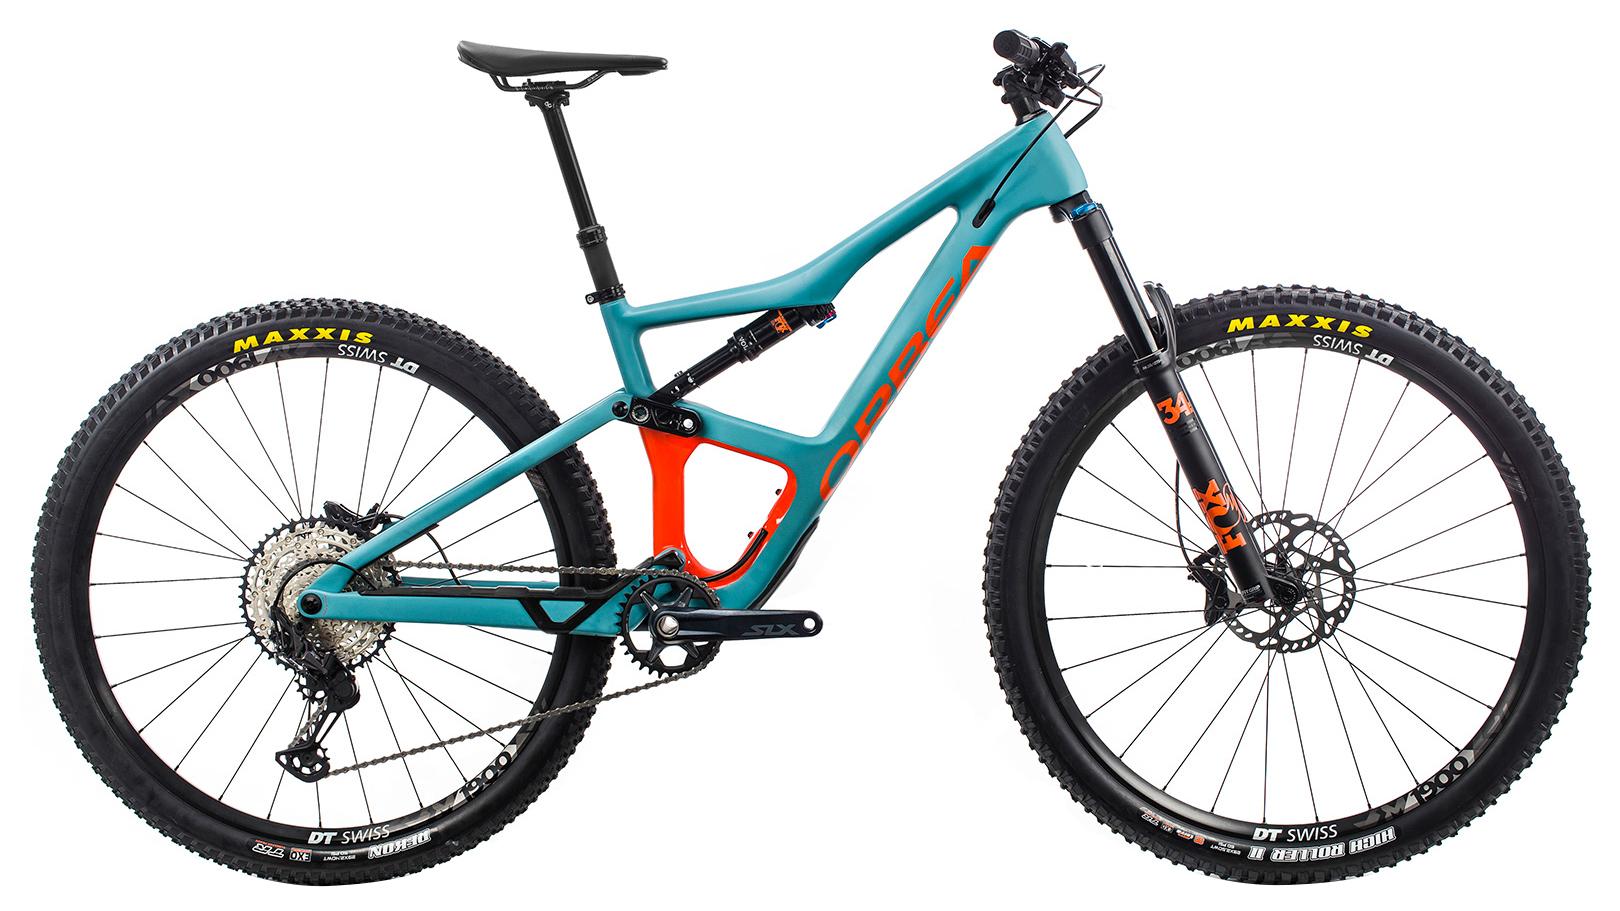 completamente elegante adecuado para hombres/mujeres estilo máximo Orbea Occam M30 Bike 2020